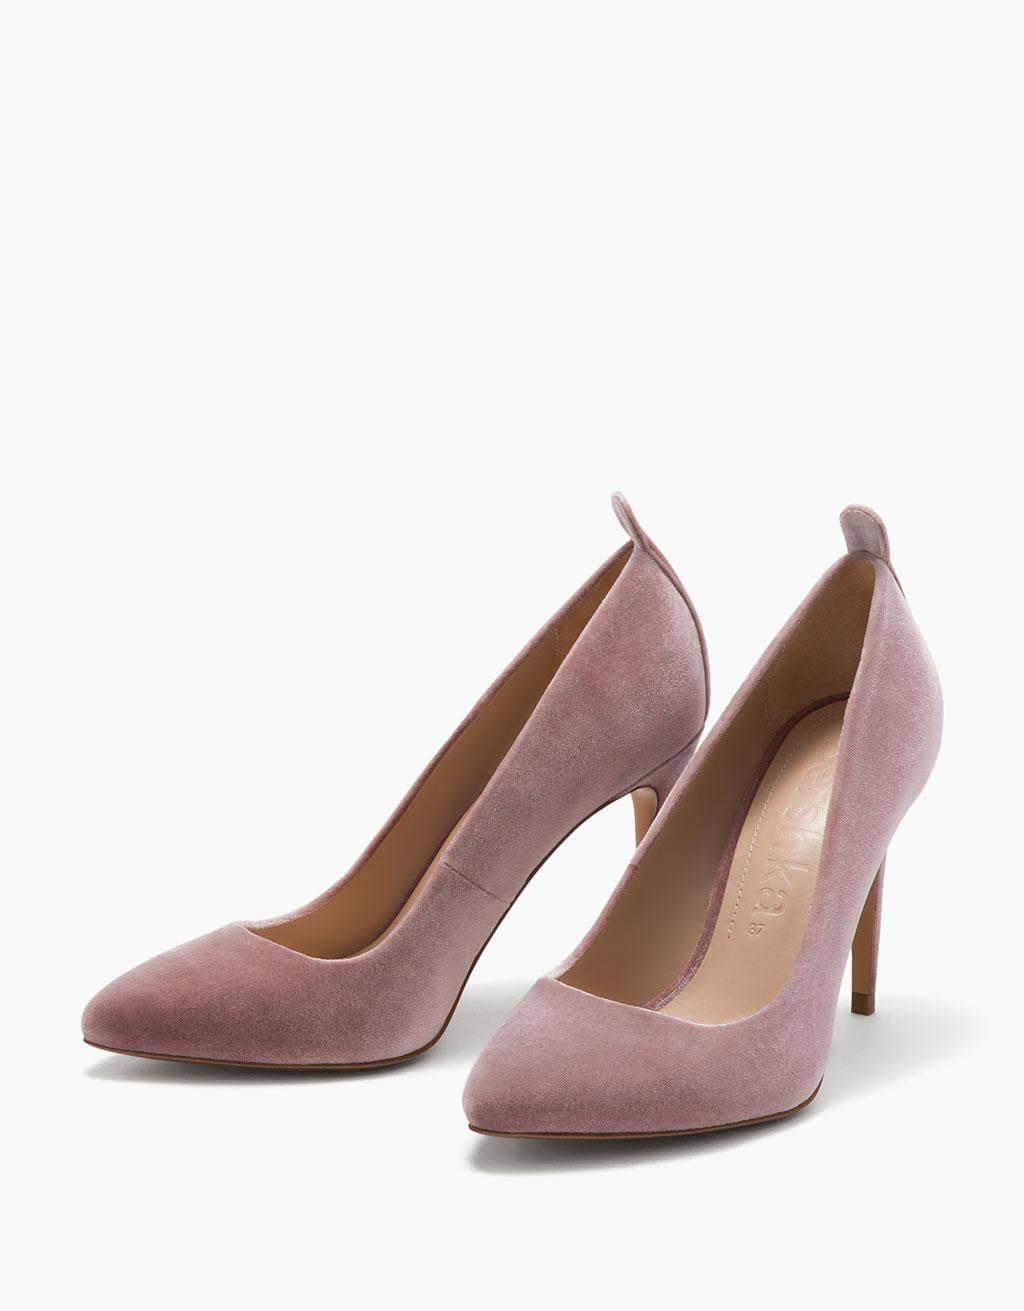 Velvet stiletto heel shoes